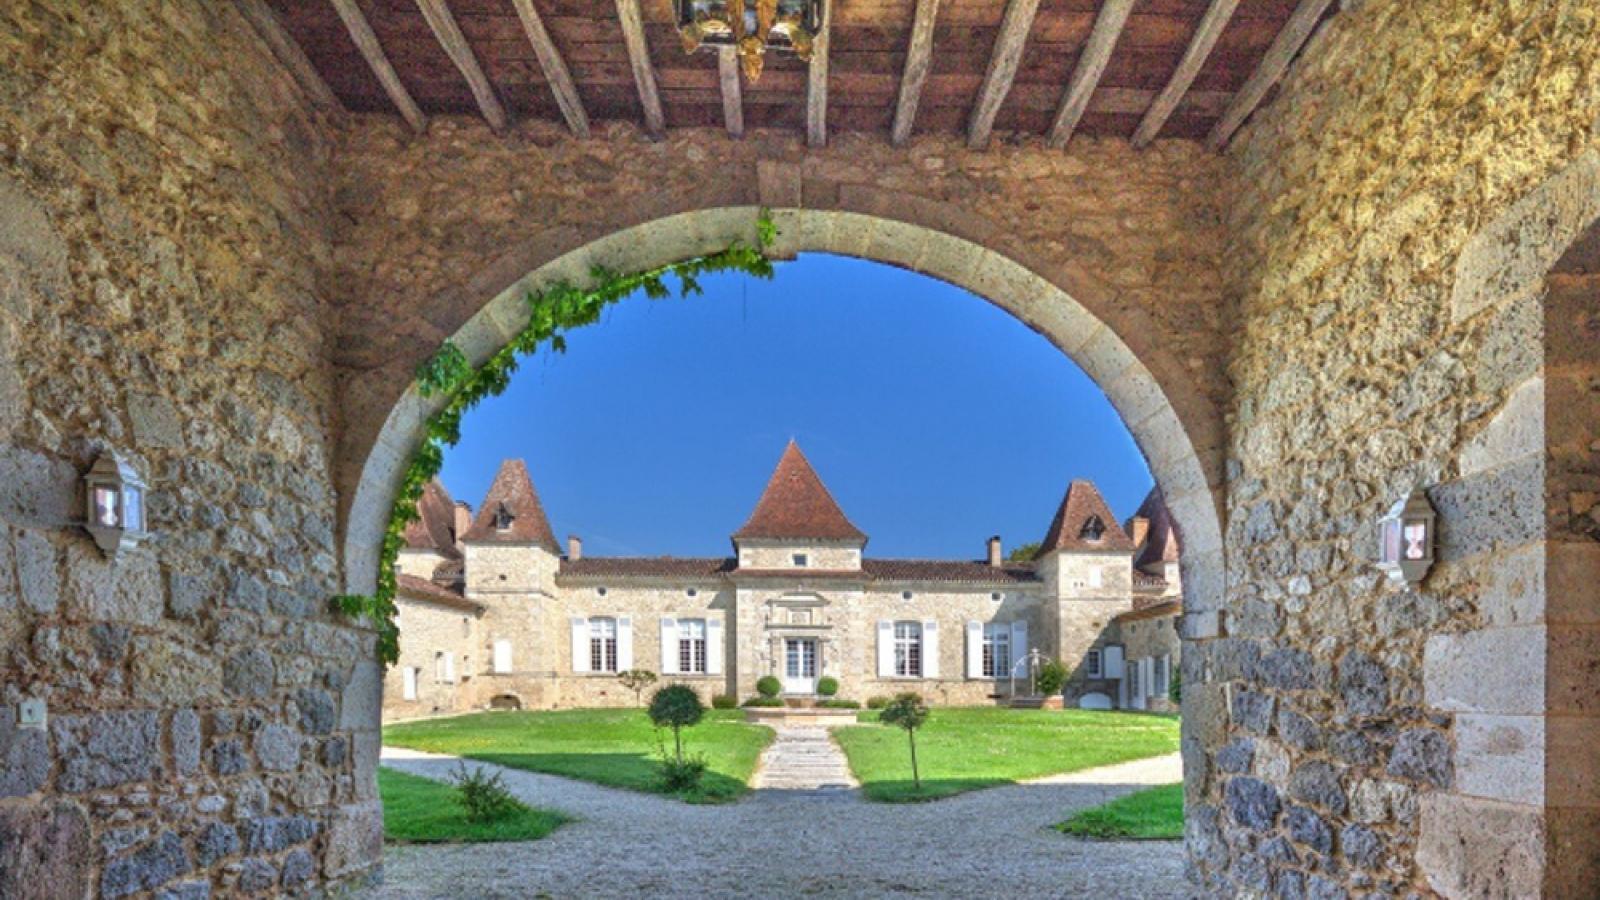 Vì sao giới nhà giàu Trung Quốc đổ xô tìm mua lâu đài ở châu Âu?